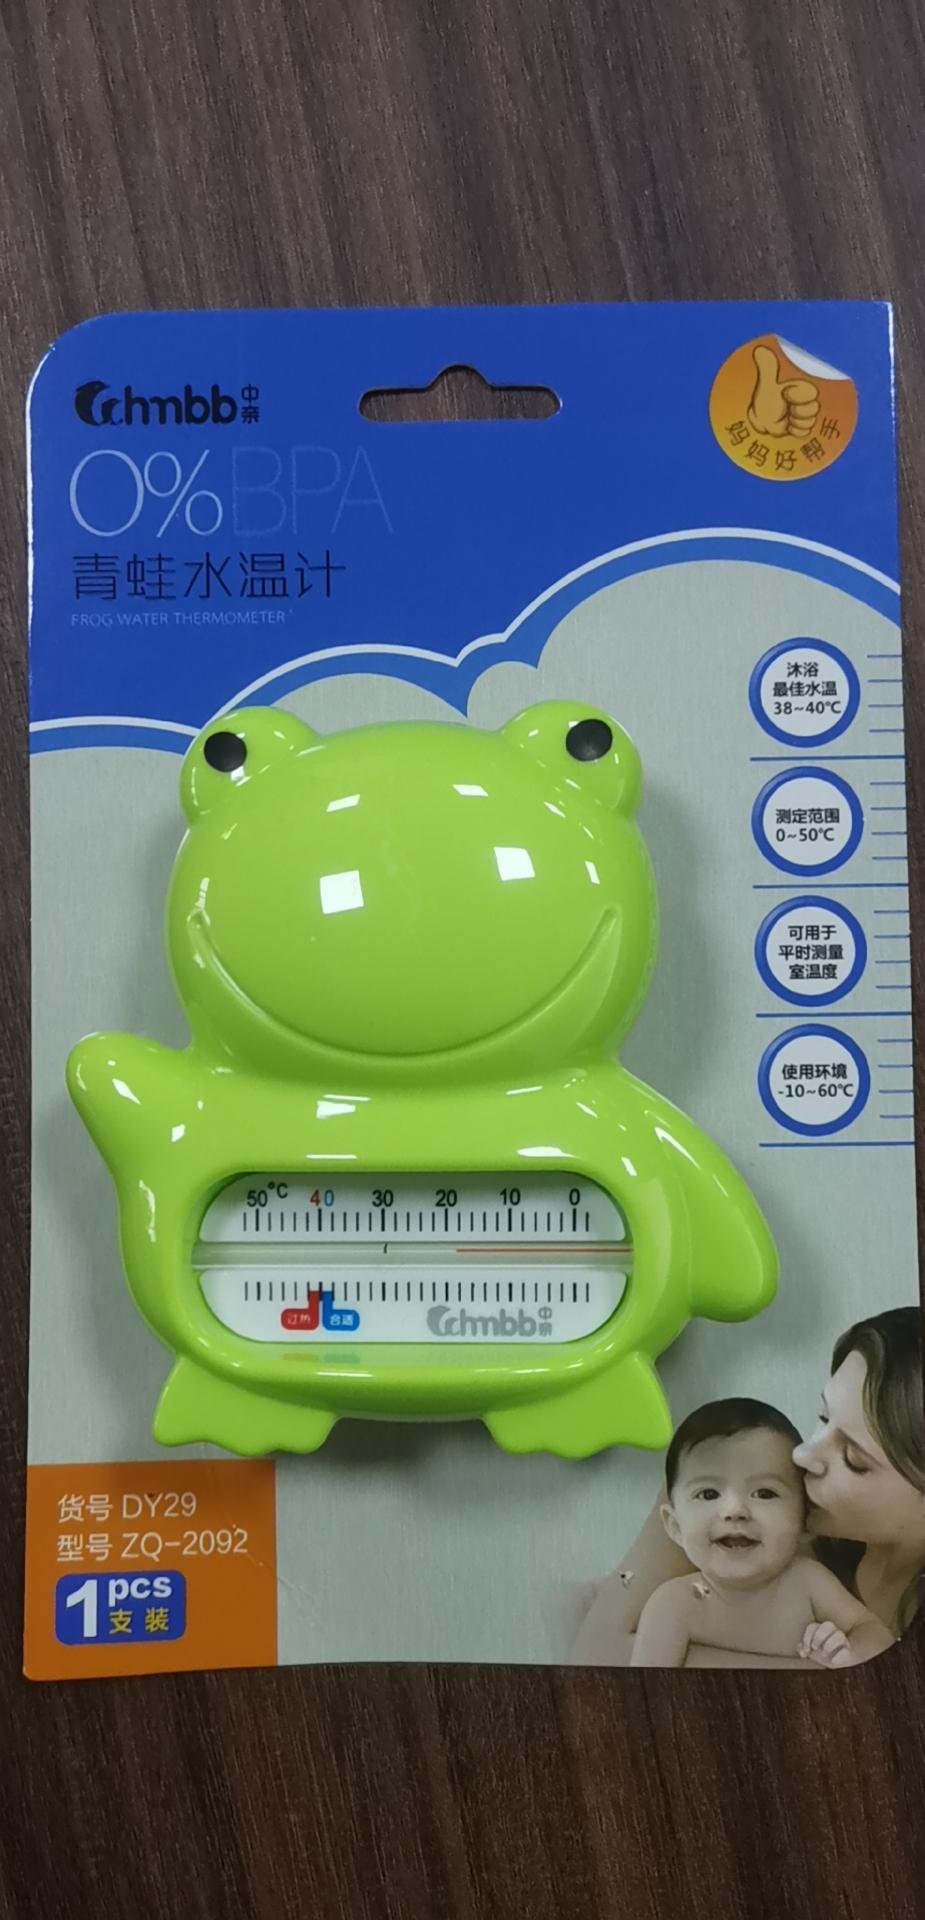 中亲婴儿洗澡卡通水温计宝宝浴盆测温仪